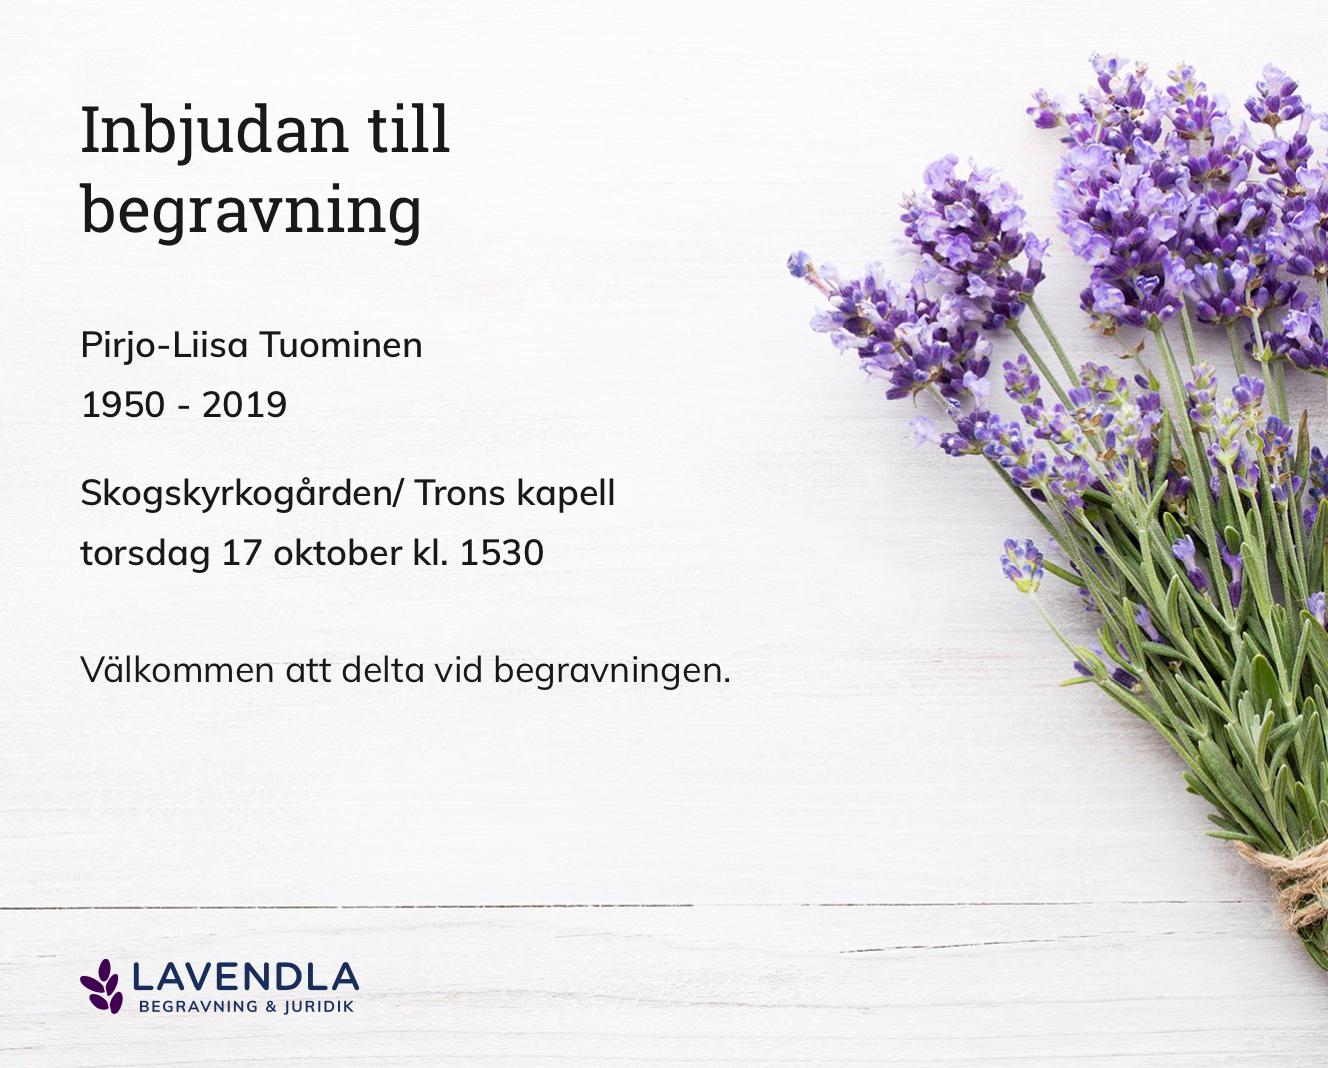 Inbjudningskort till ceremonin för Pirjo-Liisa Tuominen